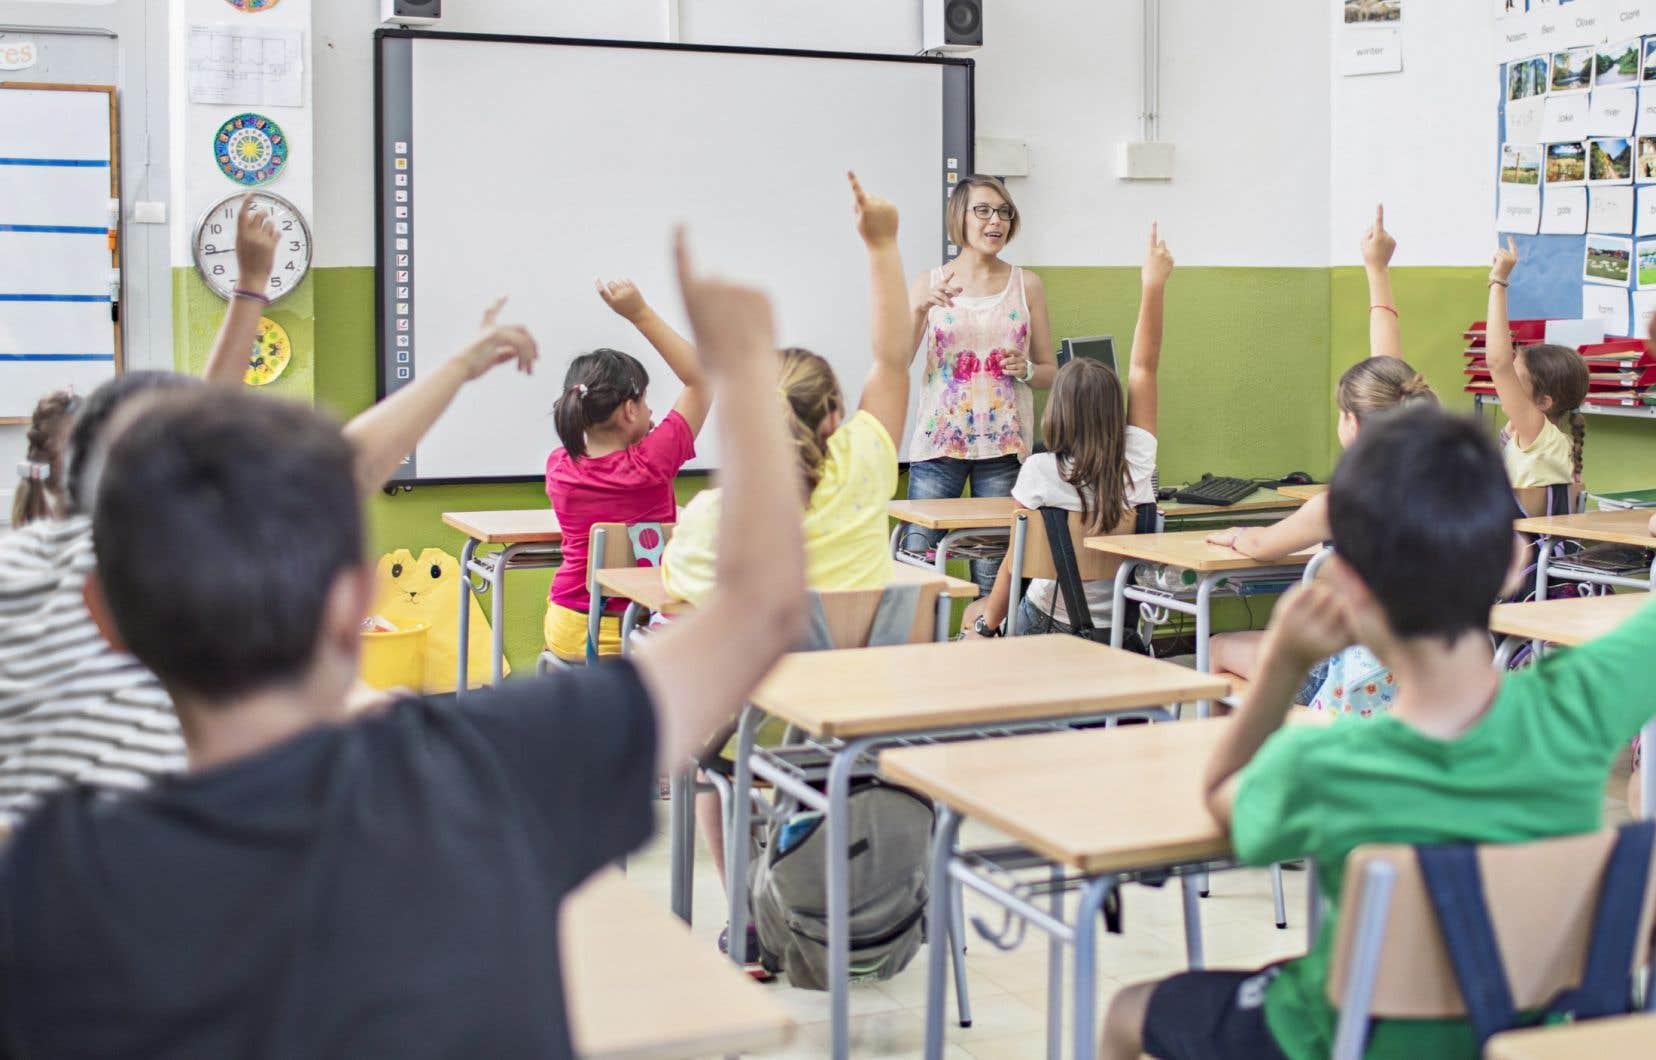 «Les enseignants sont trop importants pour notre société, on ne peut pas se payer le luxe qu'ils tombent au combat», affirme l'auteure.